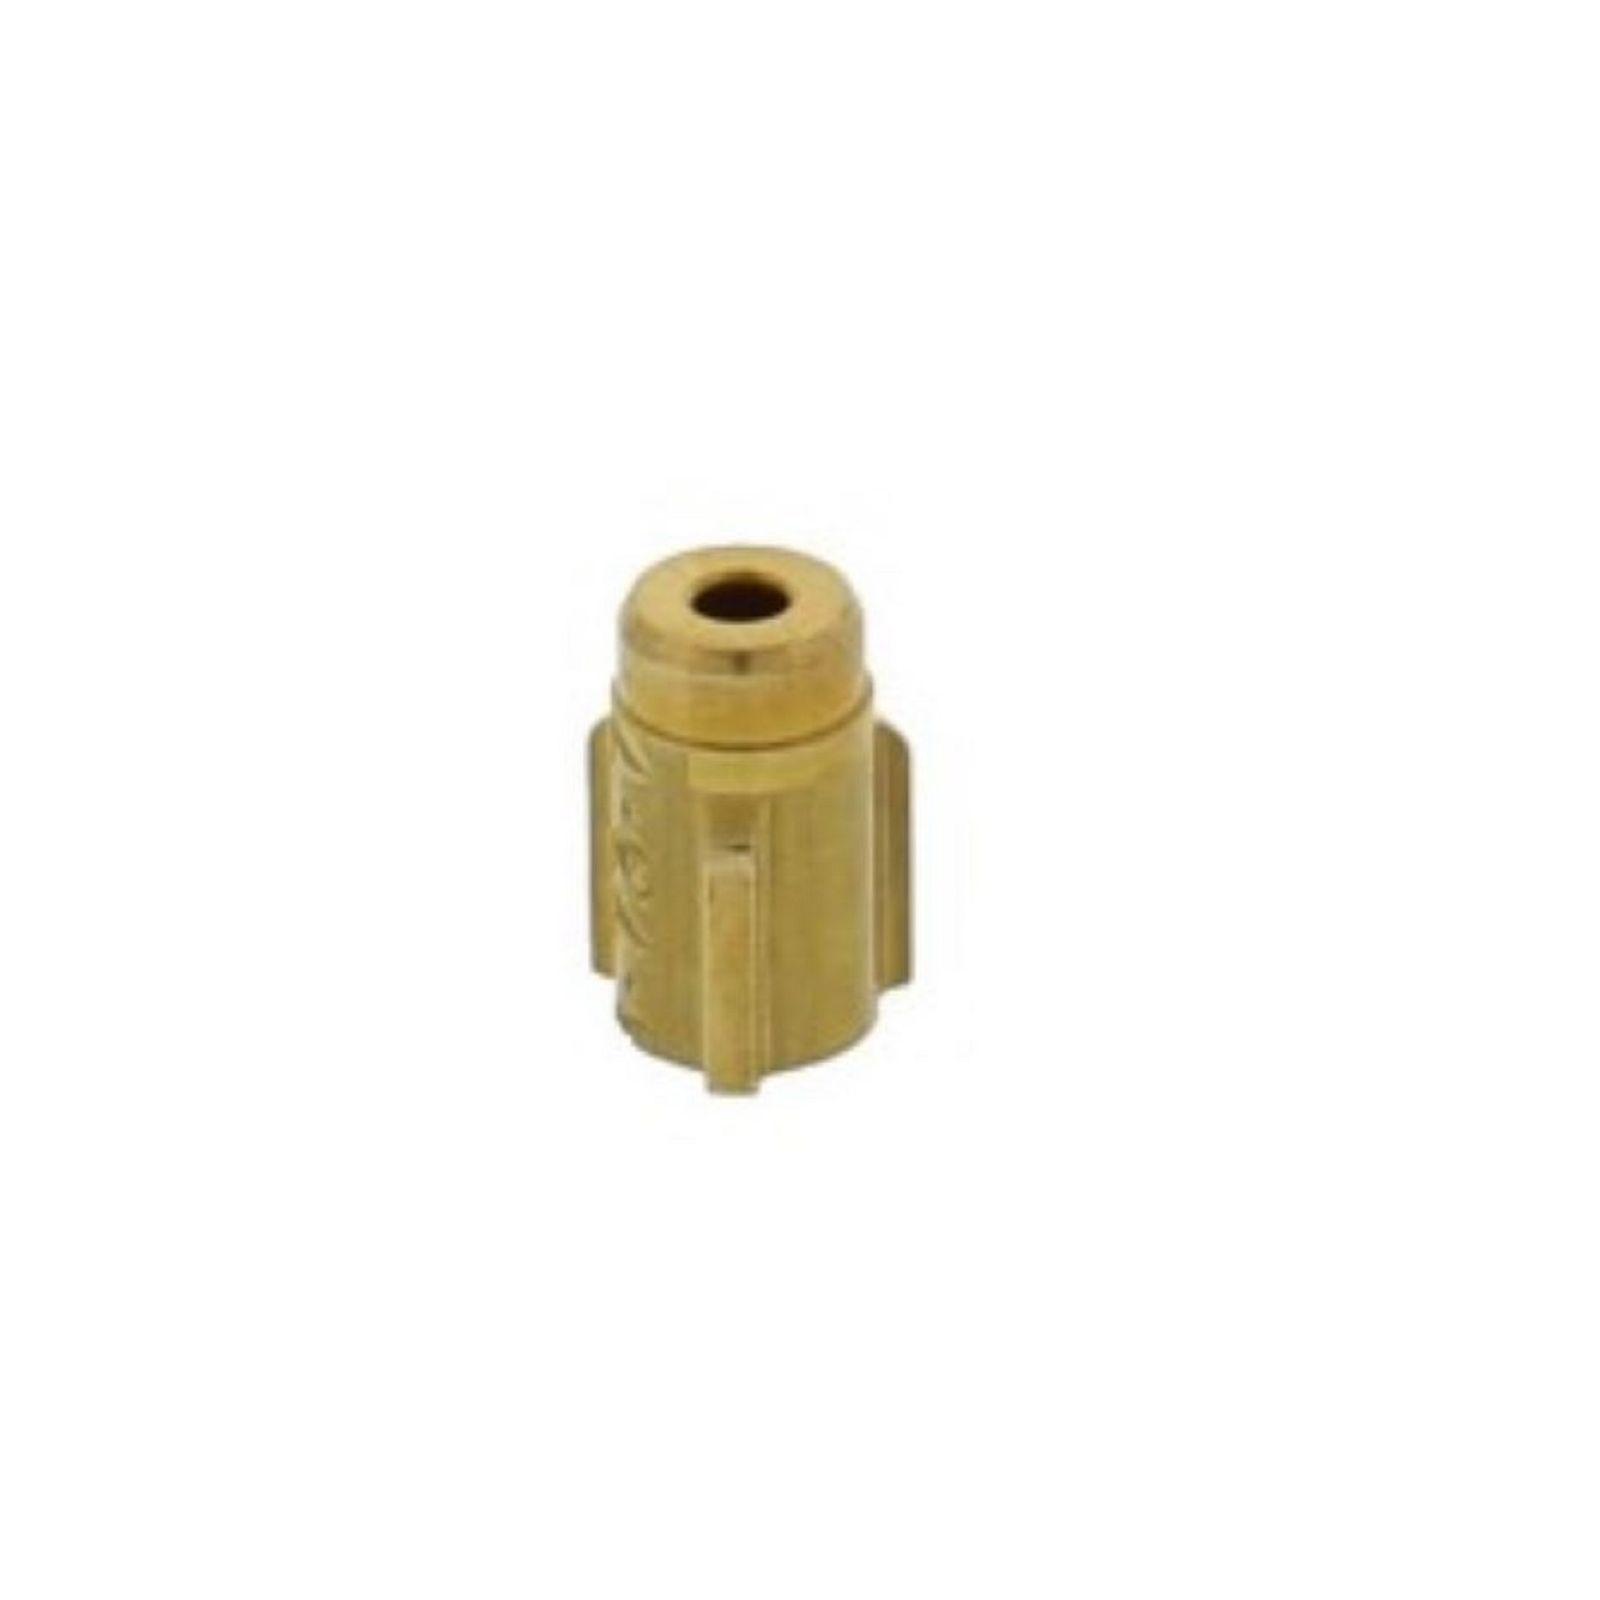 ADP 100000041 - Piston  73, 3 Ton R22, 3 1/2 Ton R410A